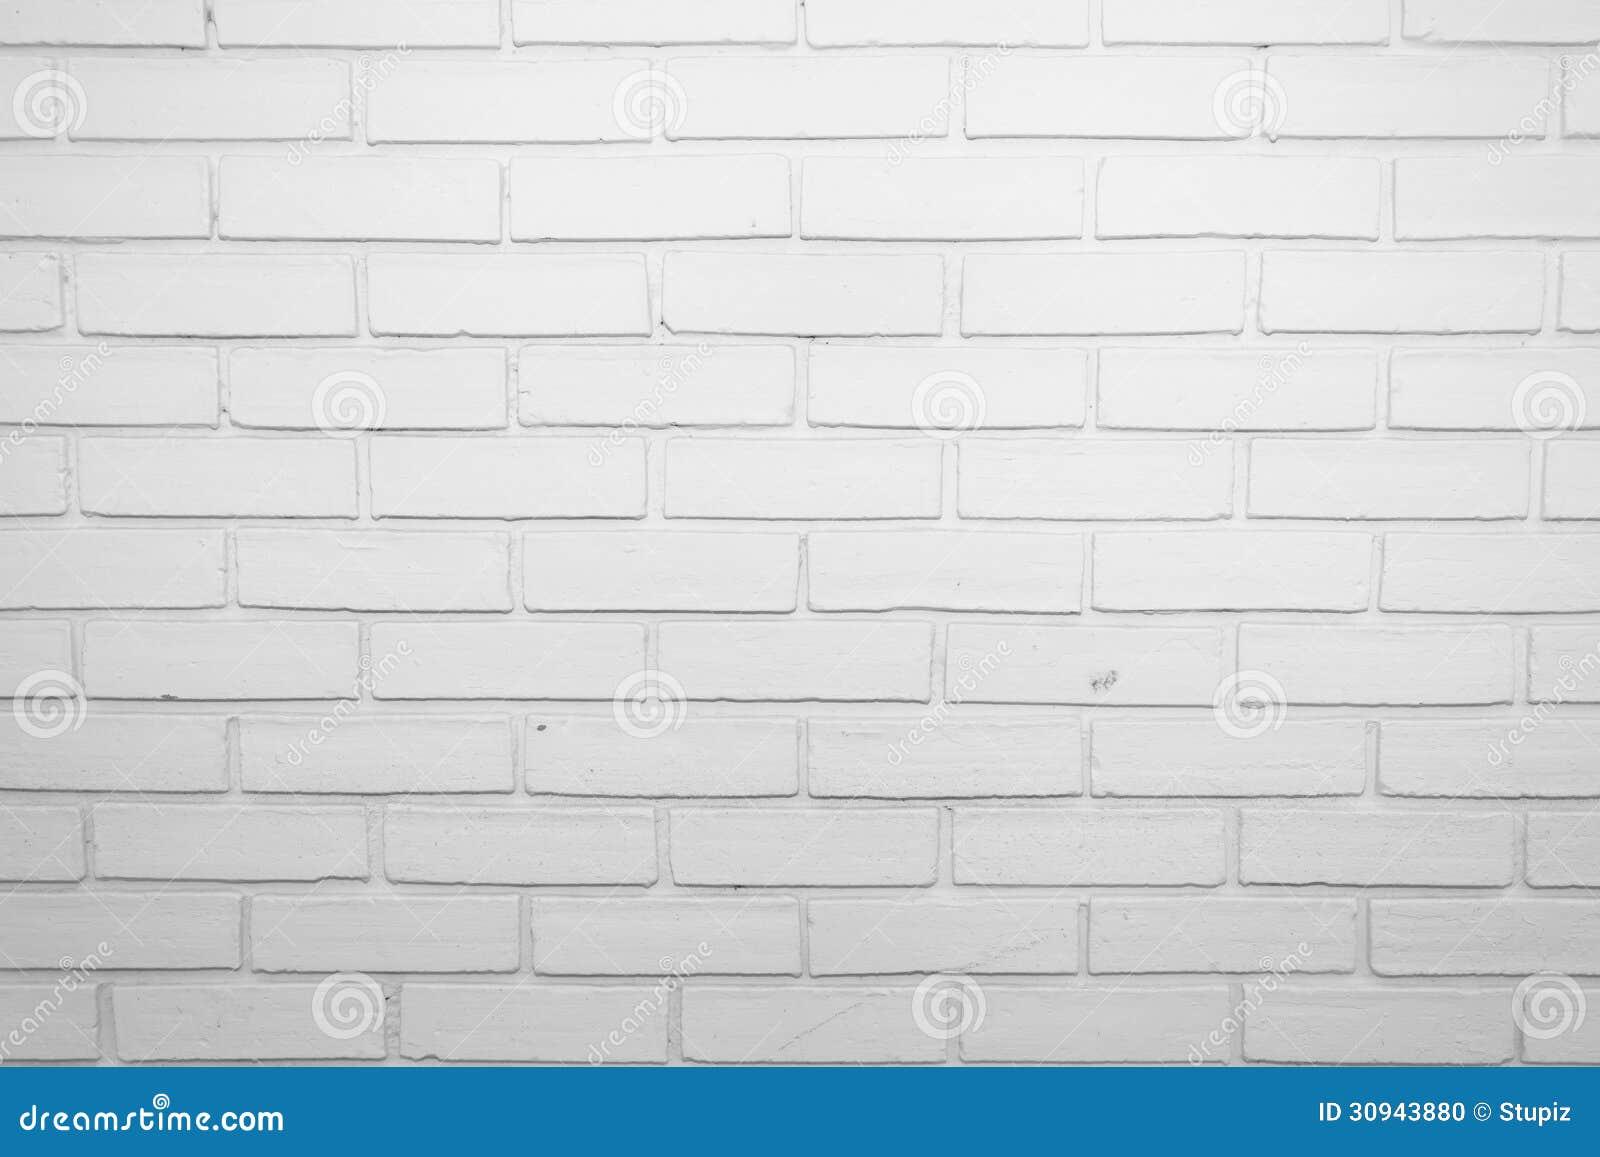 Textura blanca del fondo de la pared de ladrillo foto de archivo imagen de ladrillo muchos - Pared de ladrillo blanco ...